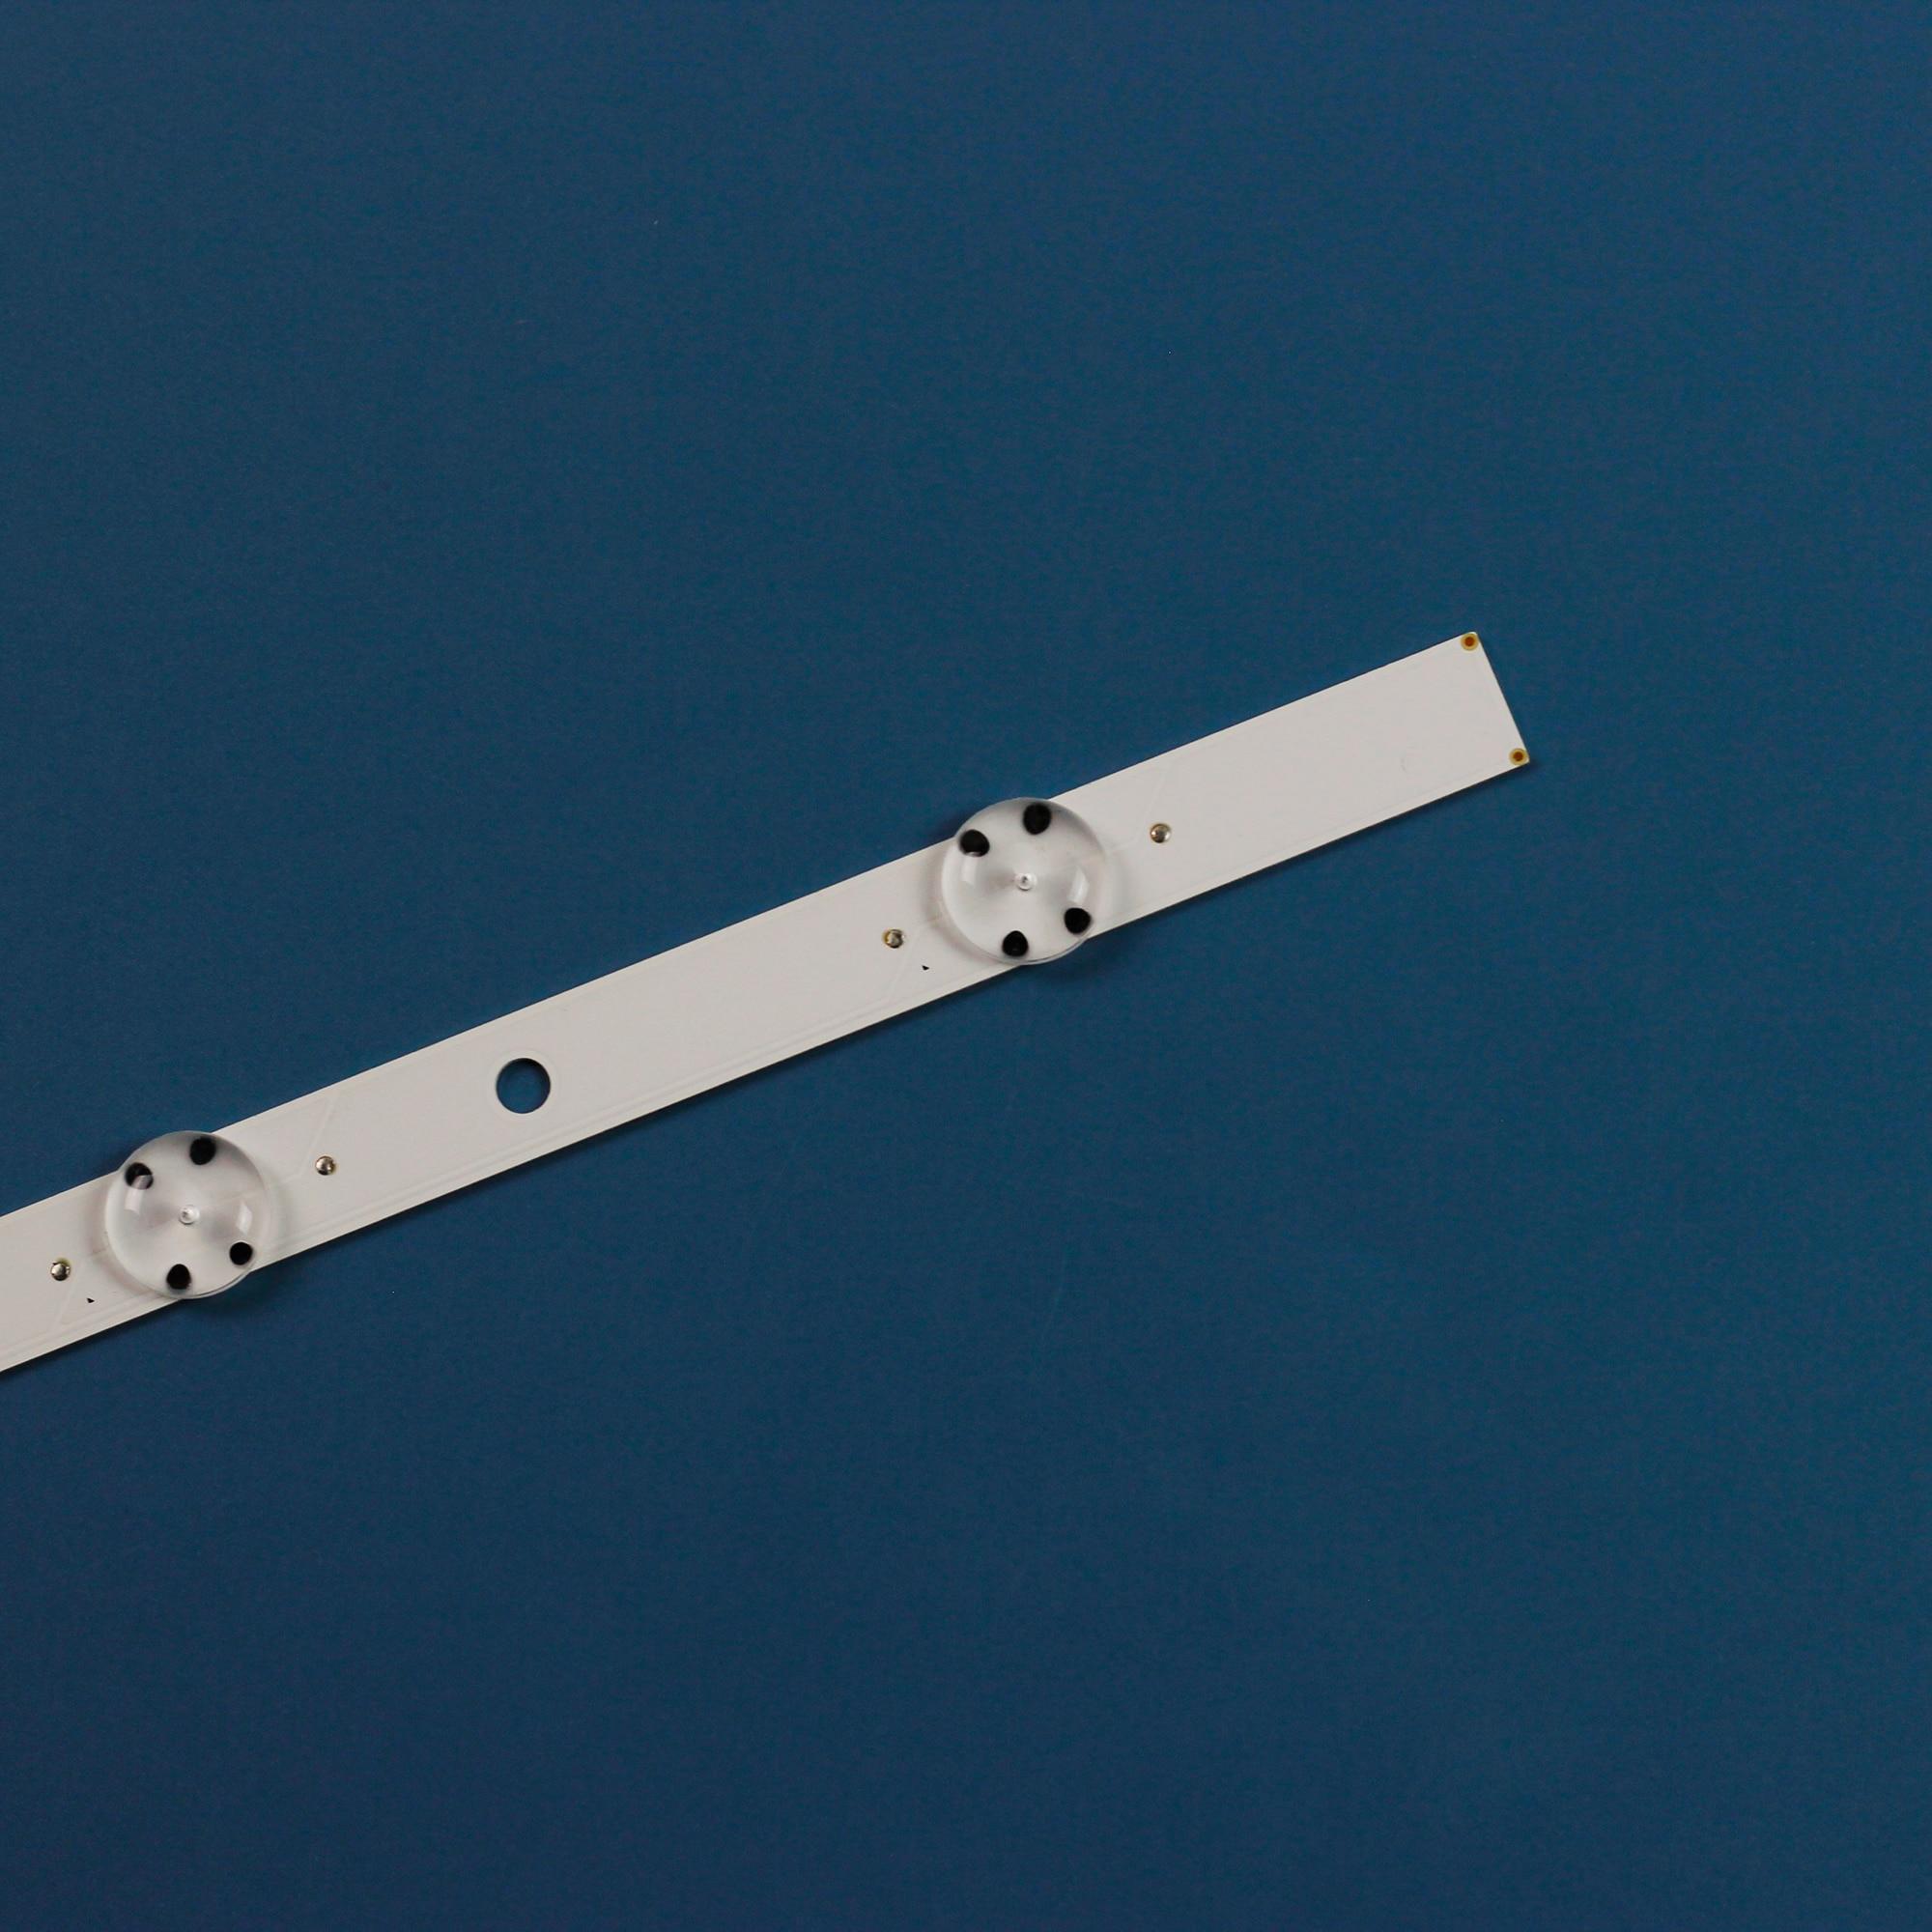 10pcs/5set LCD TV backlight for 32LK55_S light bar SSC_32LK55_6LED_REV01_171220 enlarge